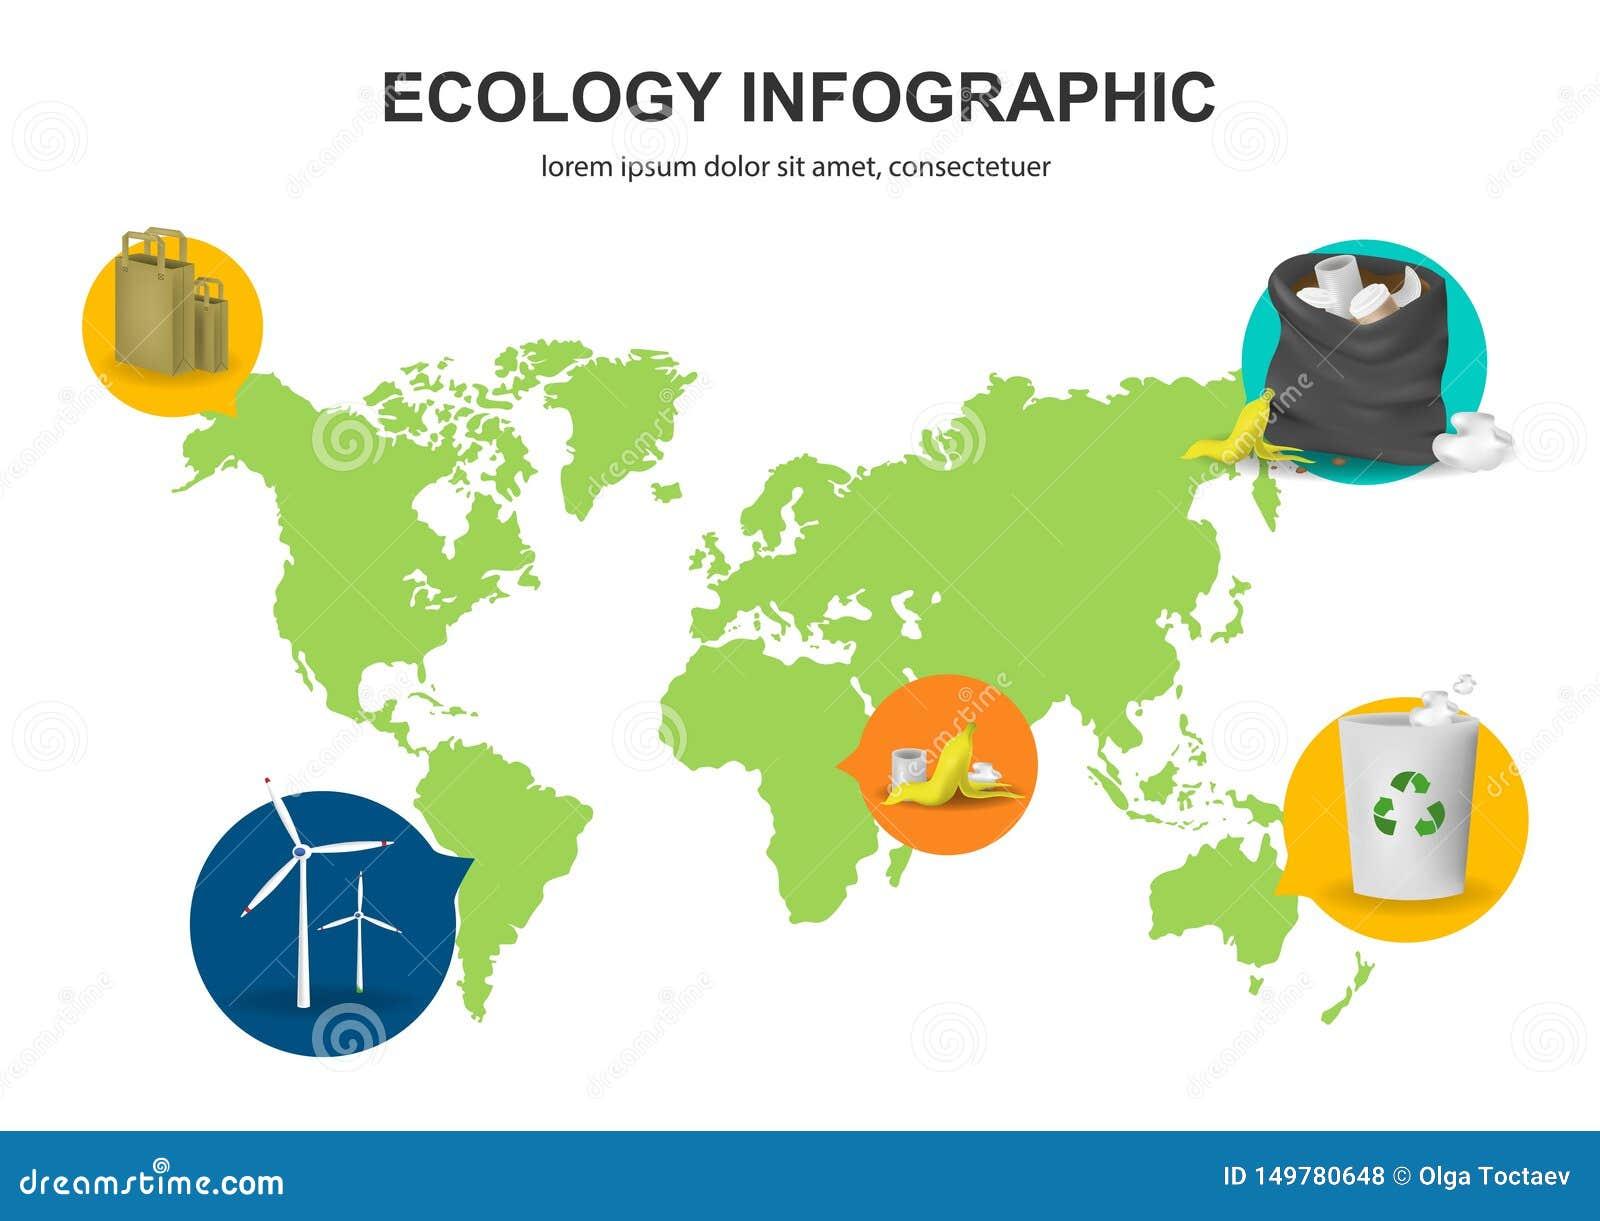 Mapa do mundo com imagens do lixo, moinhos de vento, sacos de papel Fundo abstrato do conceito da ecologia Ilustra??o infographic